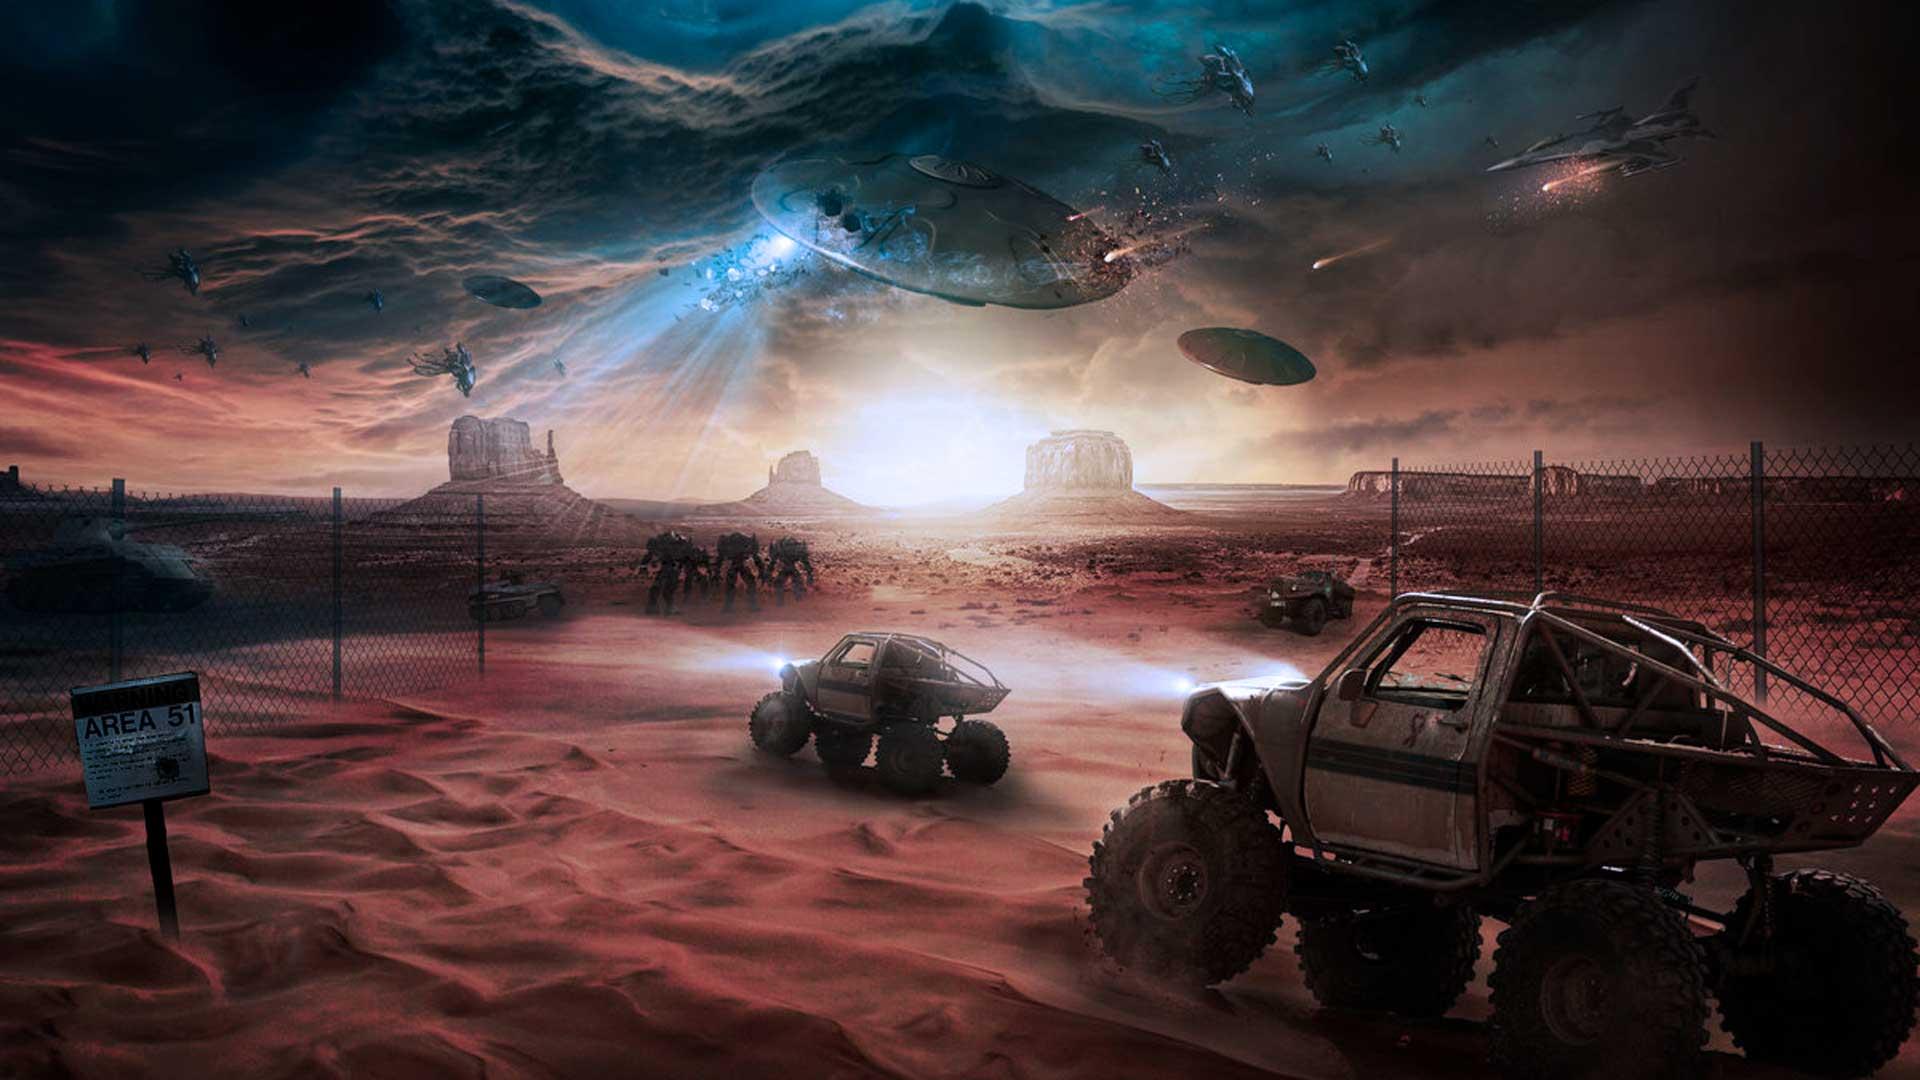 Secretos militares: Misteriosos encuentros entre alienígenas y militares